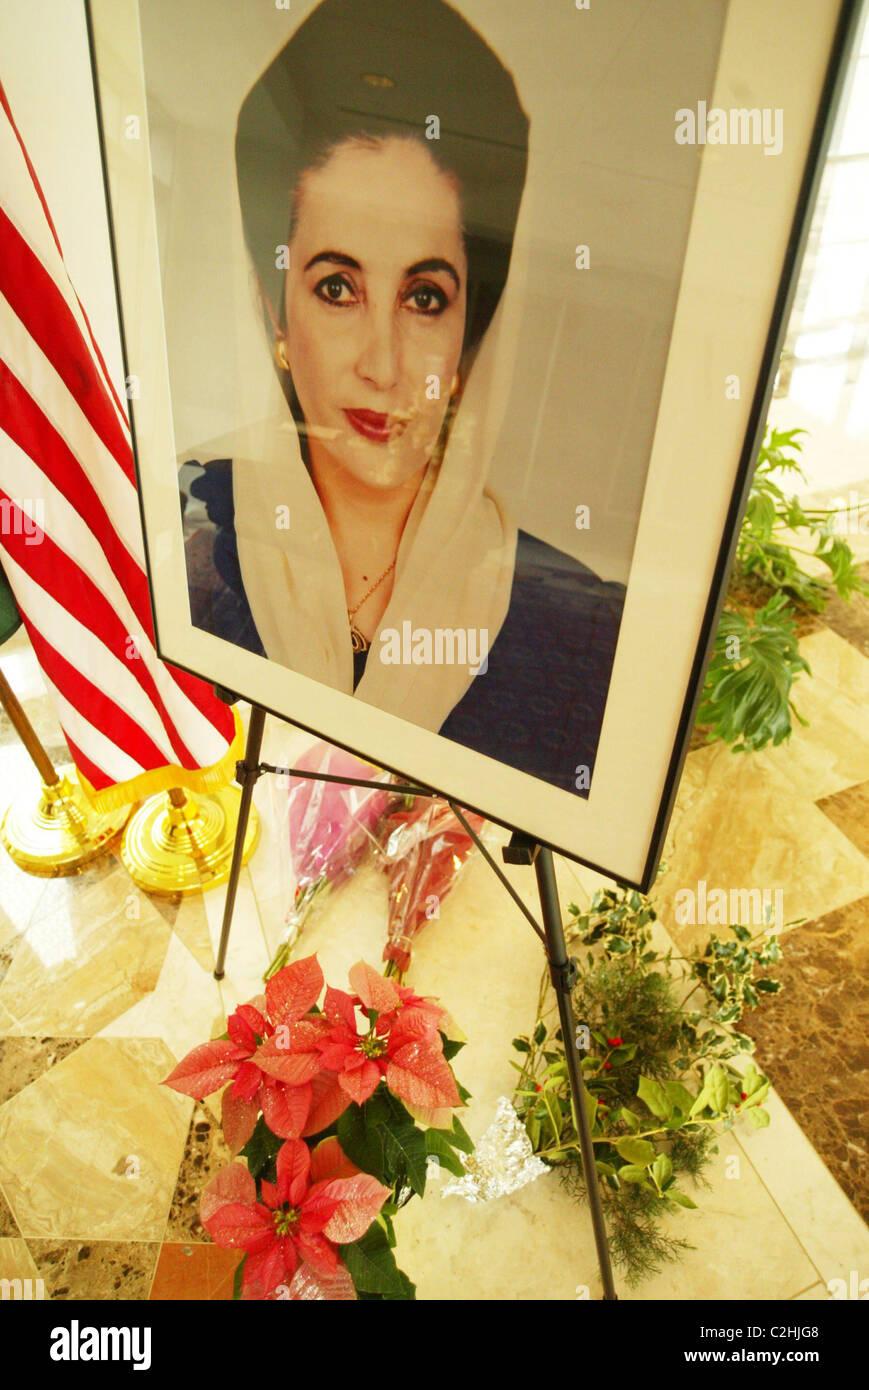 Tribut-Signierstunde, Benazir Bhutto, Premierminister von Pakistan, der am 27. Dezember 2007, nach der Abfahrt ermordet Stockfoto